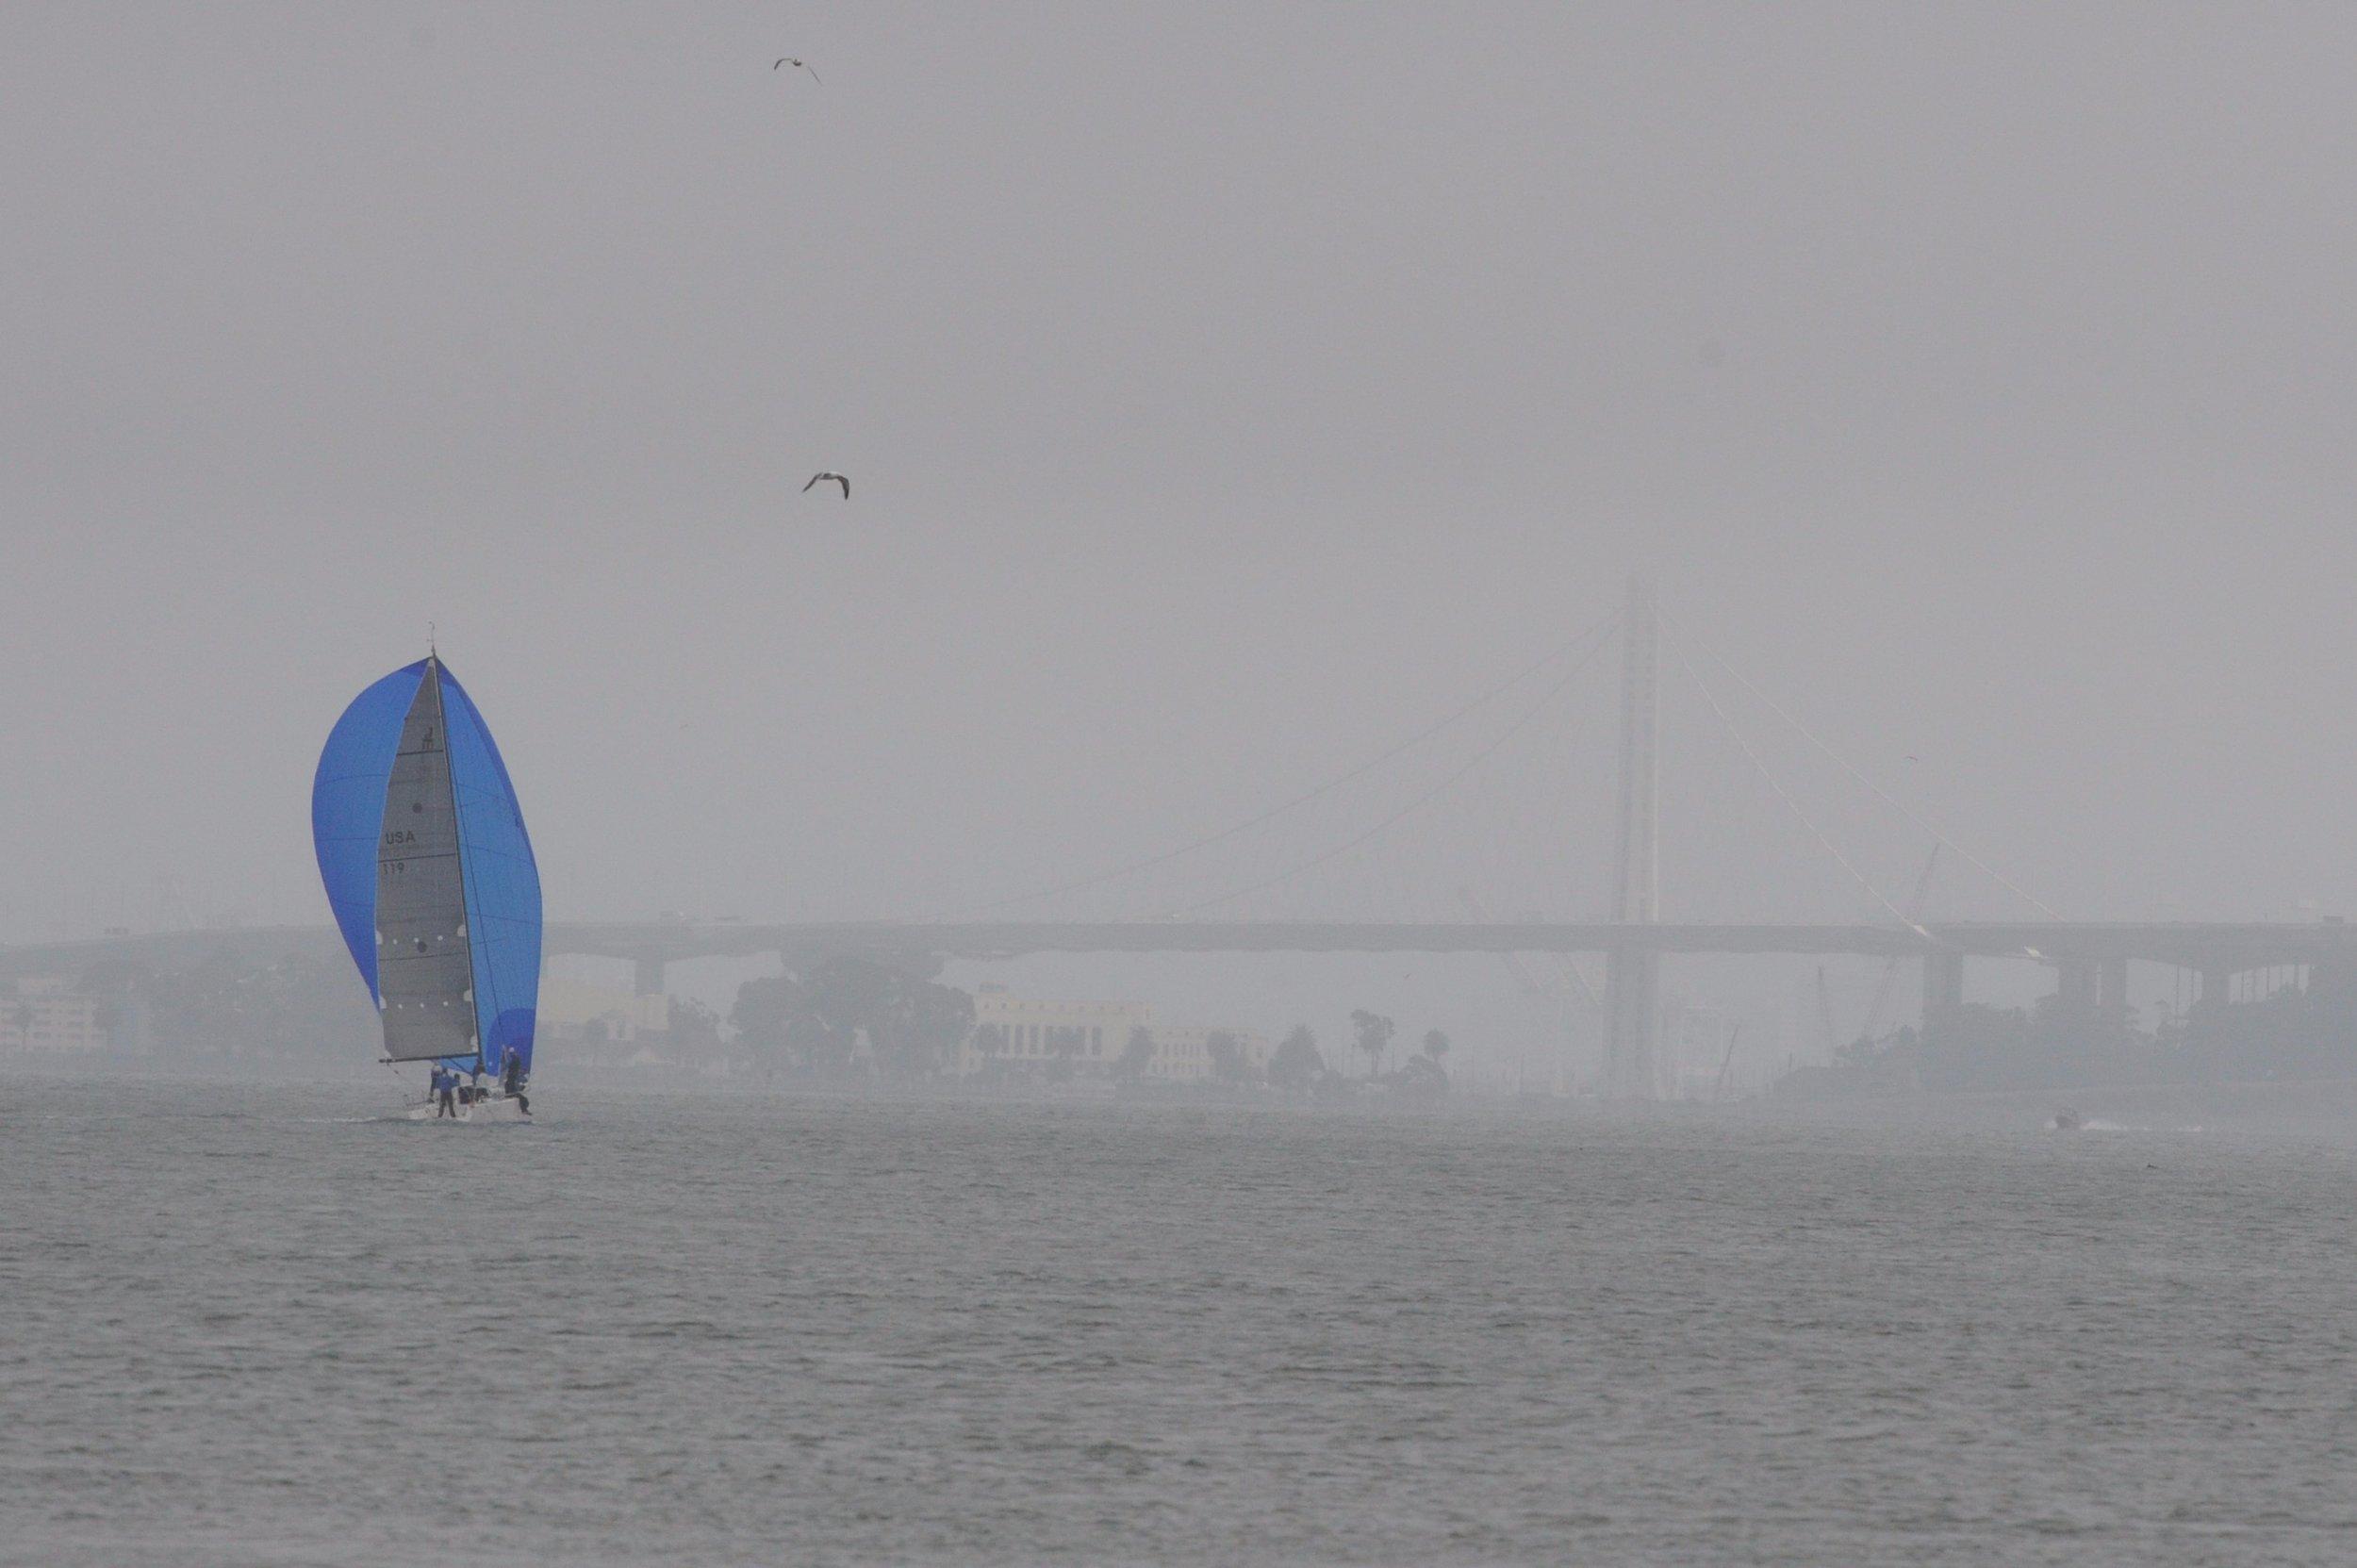 Sailboat headed towards the Bay Bridge.